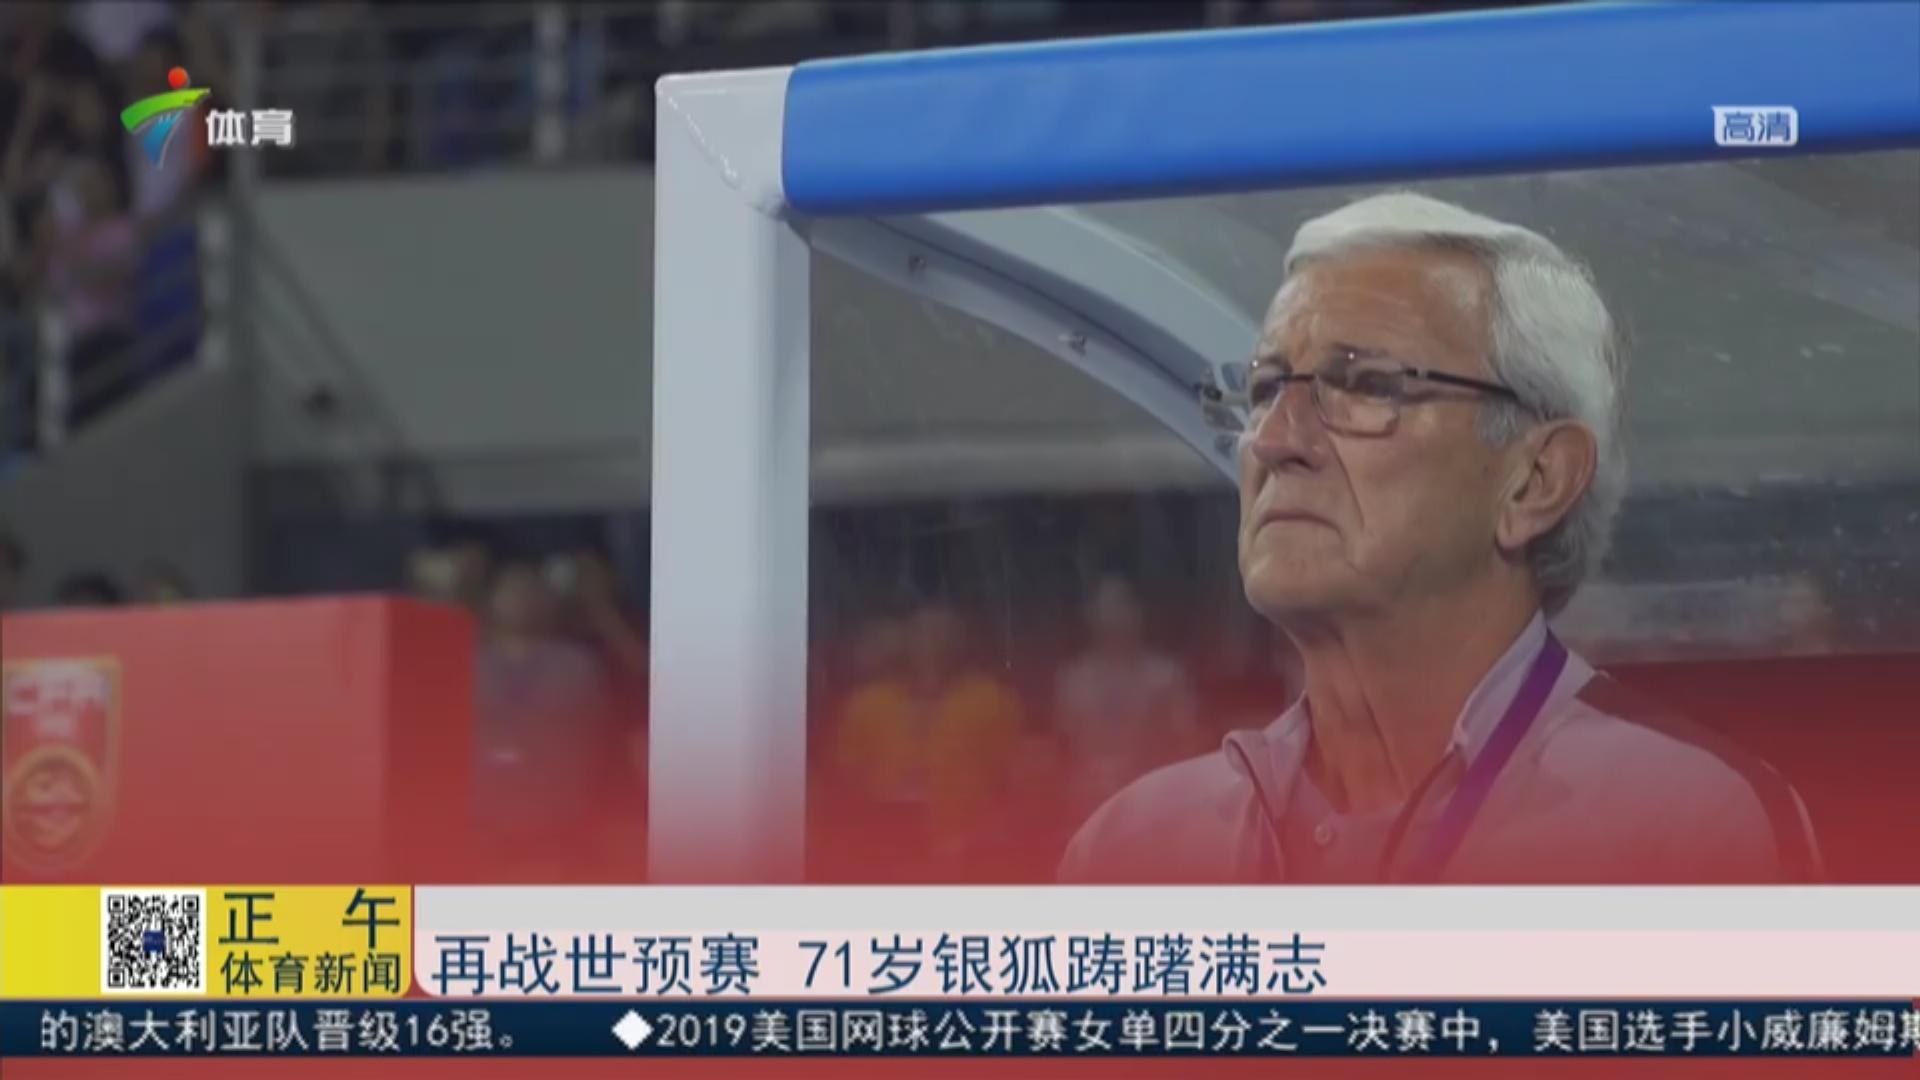 再戰世預賽 71歲銀狐躊躇滿志